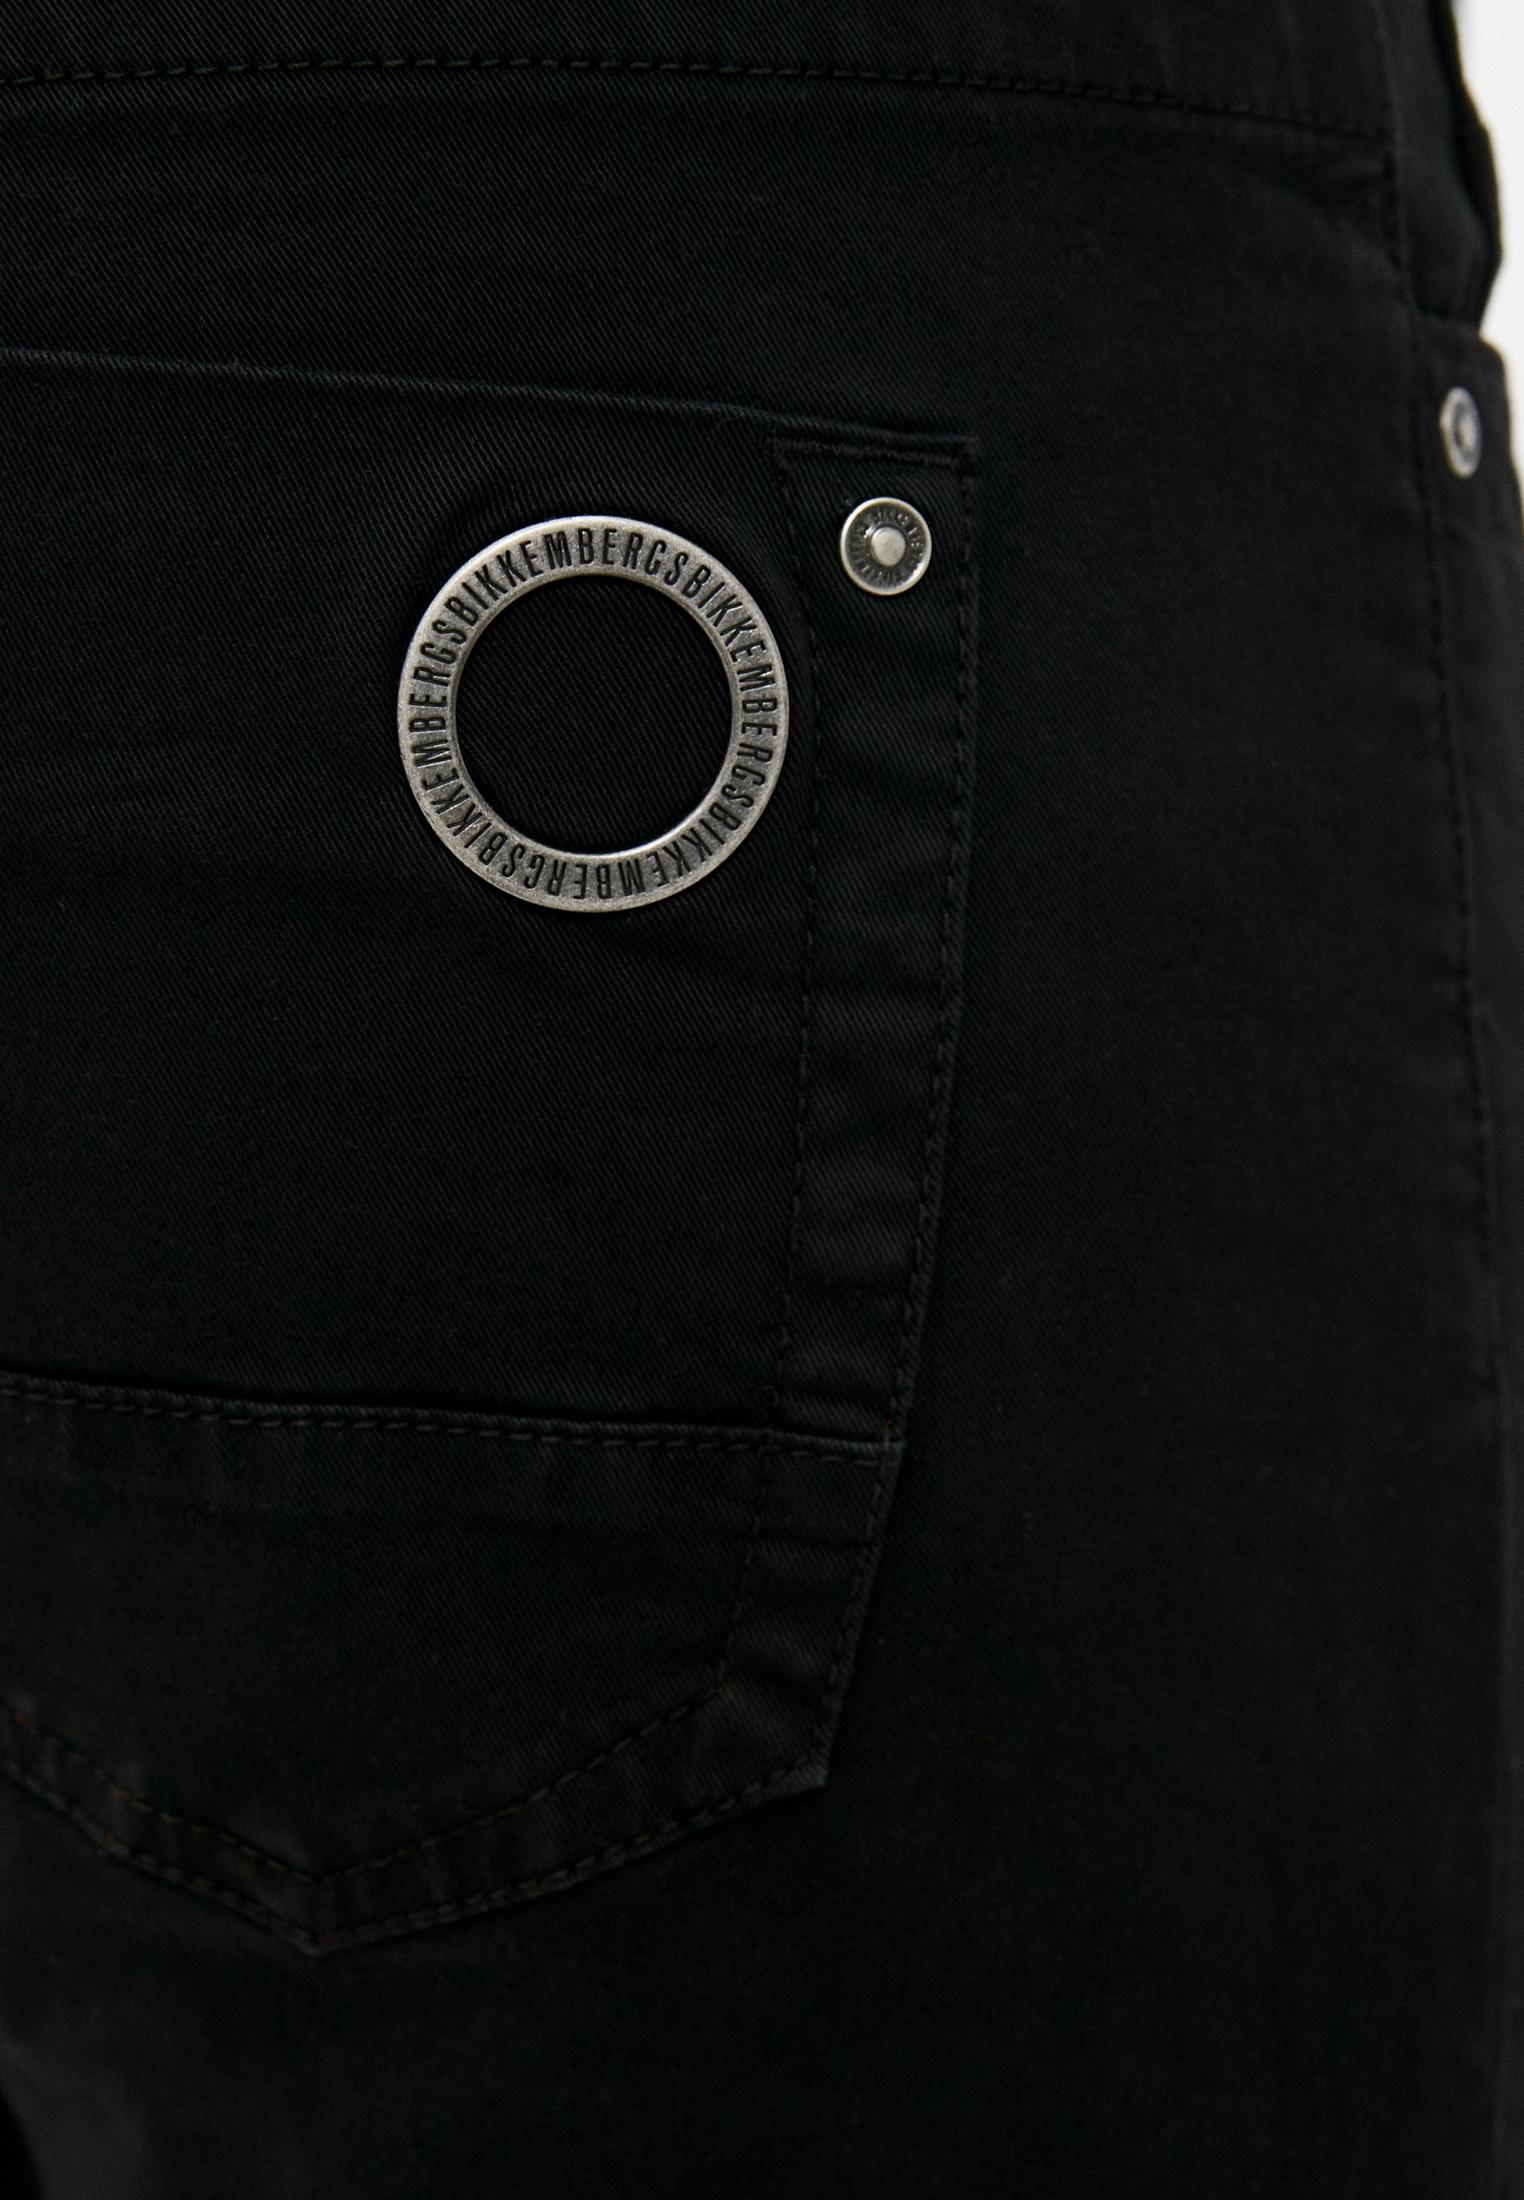 Мужские зауженные джинсы Bikkembergs (Биккембергс) C Q 101 18 S 3279: изображение 5